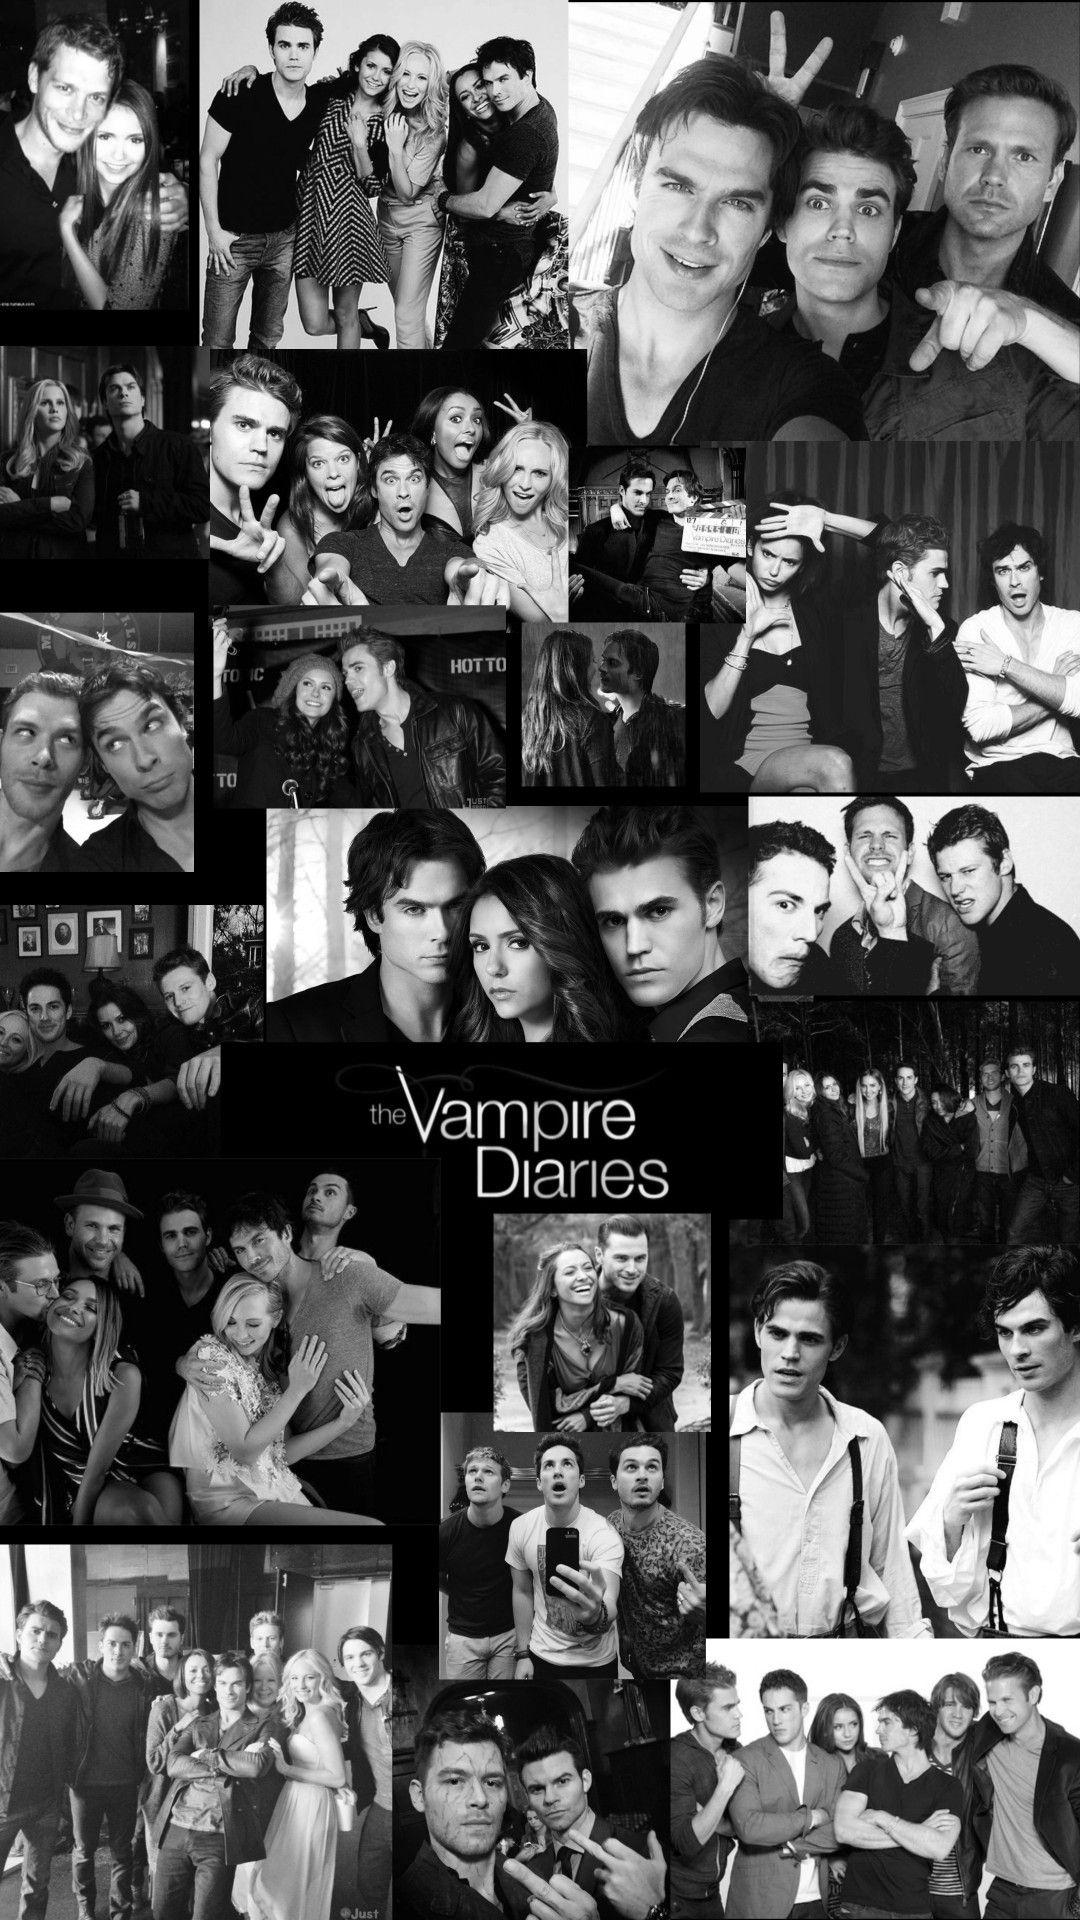 The Vampire Diaries Edit Vampire Diaries Guys Vampire Diaries Poster Vampire Diaries Cast